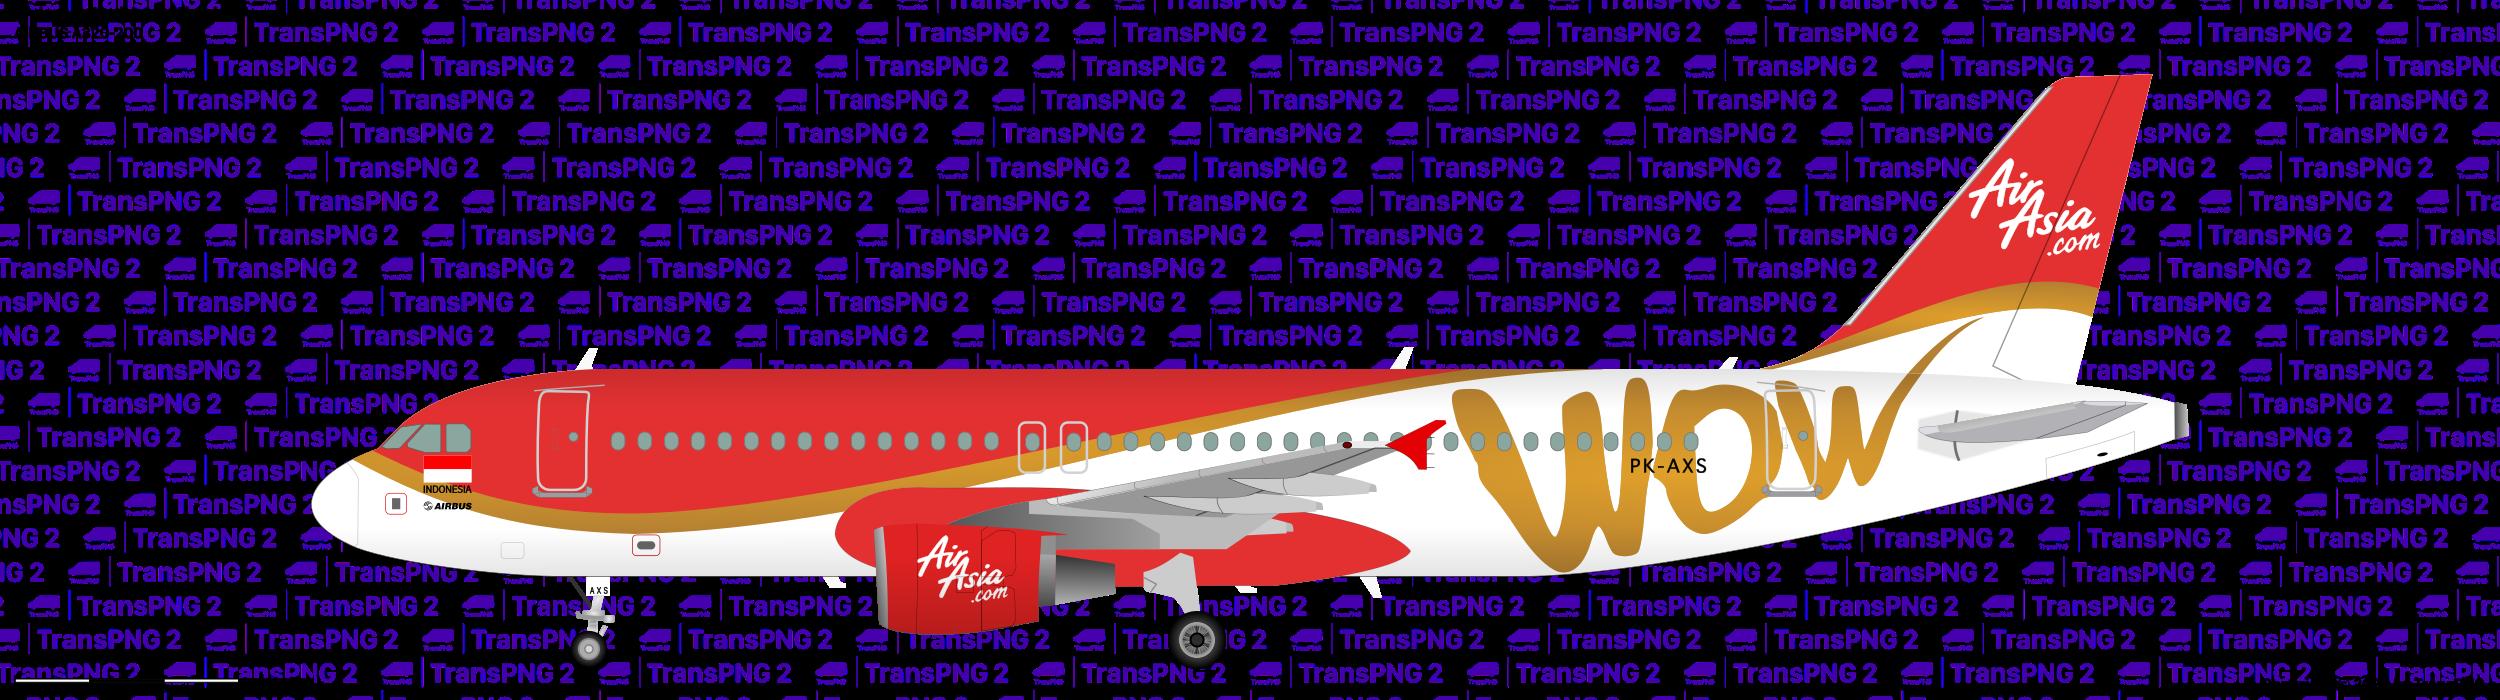 [25053] 印尼亞洲航空 25053